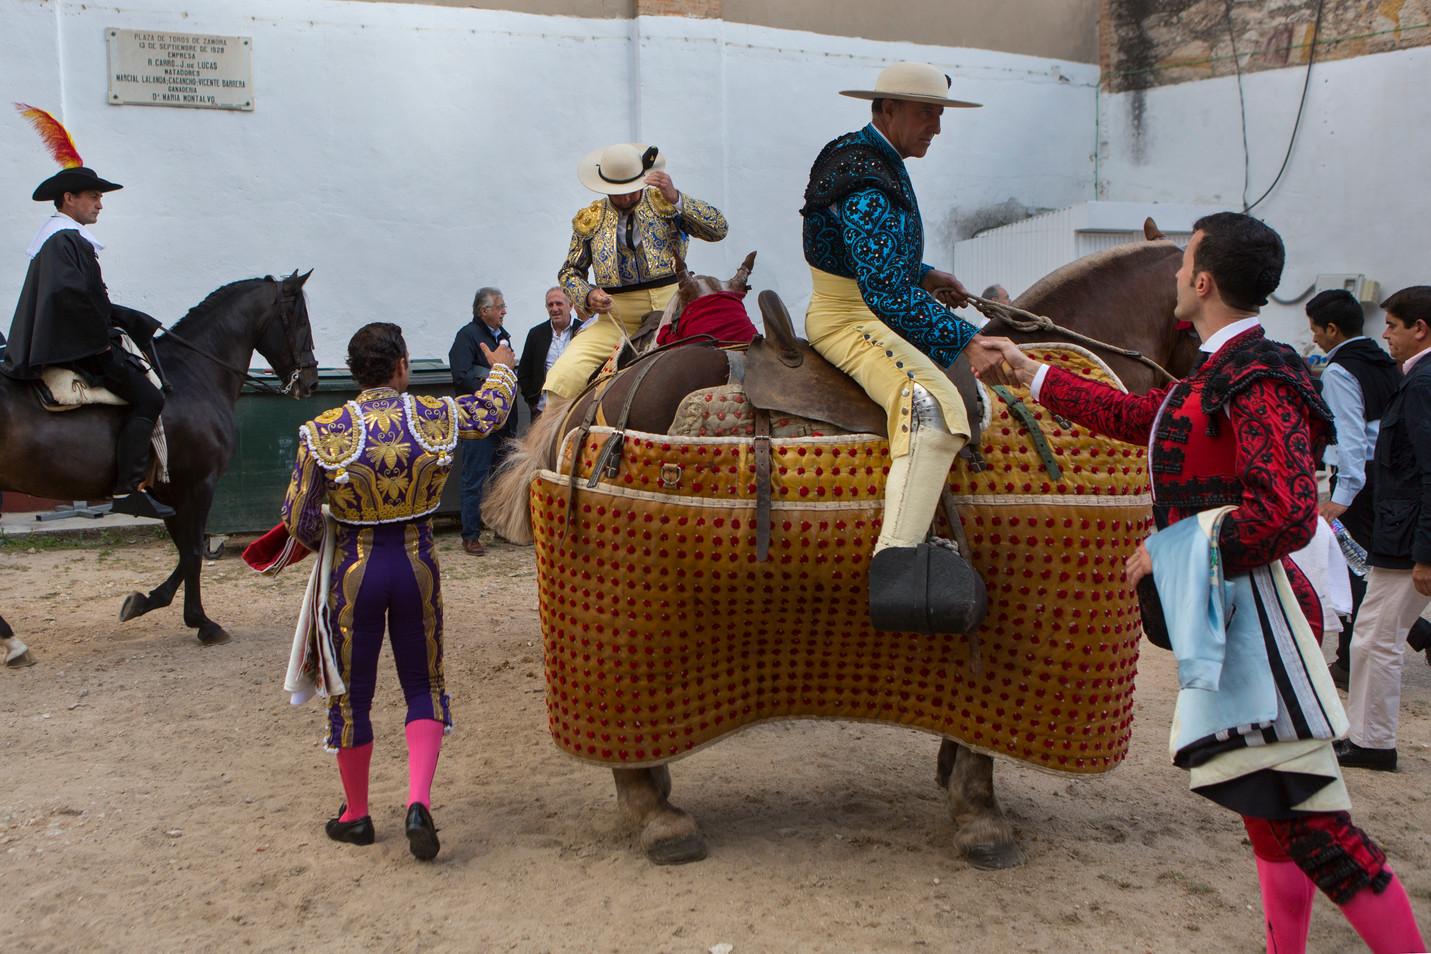 Padilla_Bullfighter_26.jpg